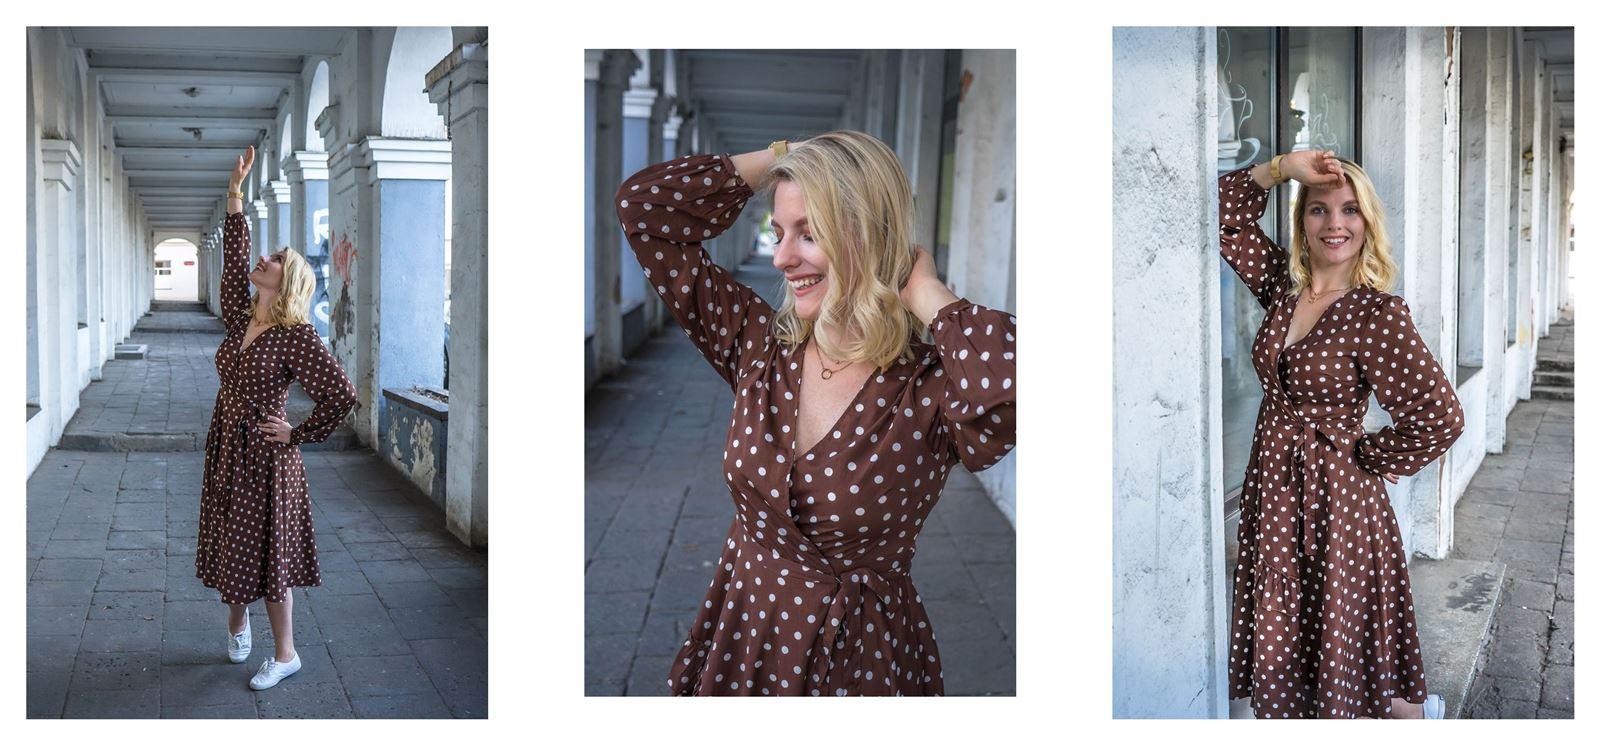 3 modny kombinezon sukienka w groszki jak nosić w grochy sukienki idealne ubranie na wesele w co ubrać się na wesele w lato na poprawiny na-kd opinie modne stylizacje na lato sukienki dla blondynki